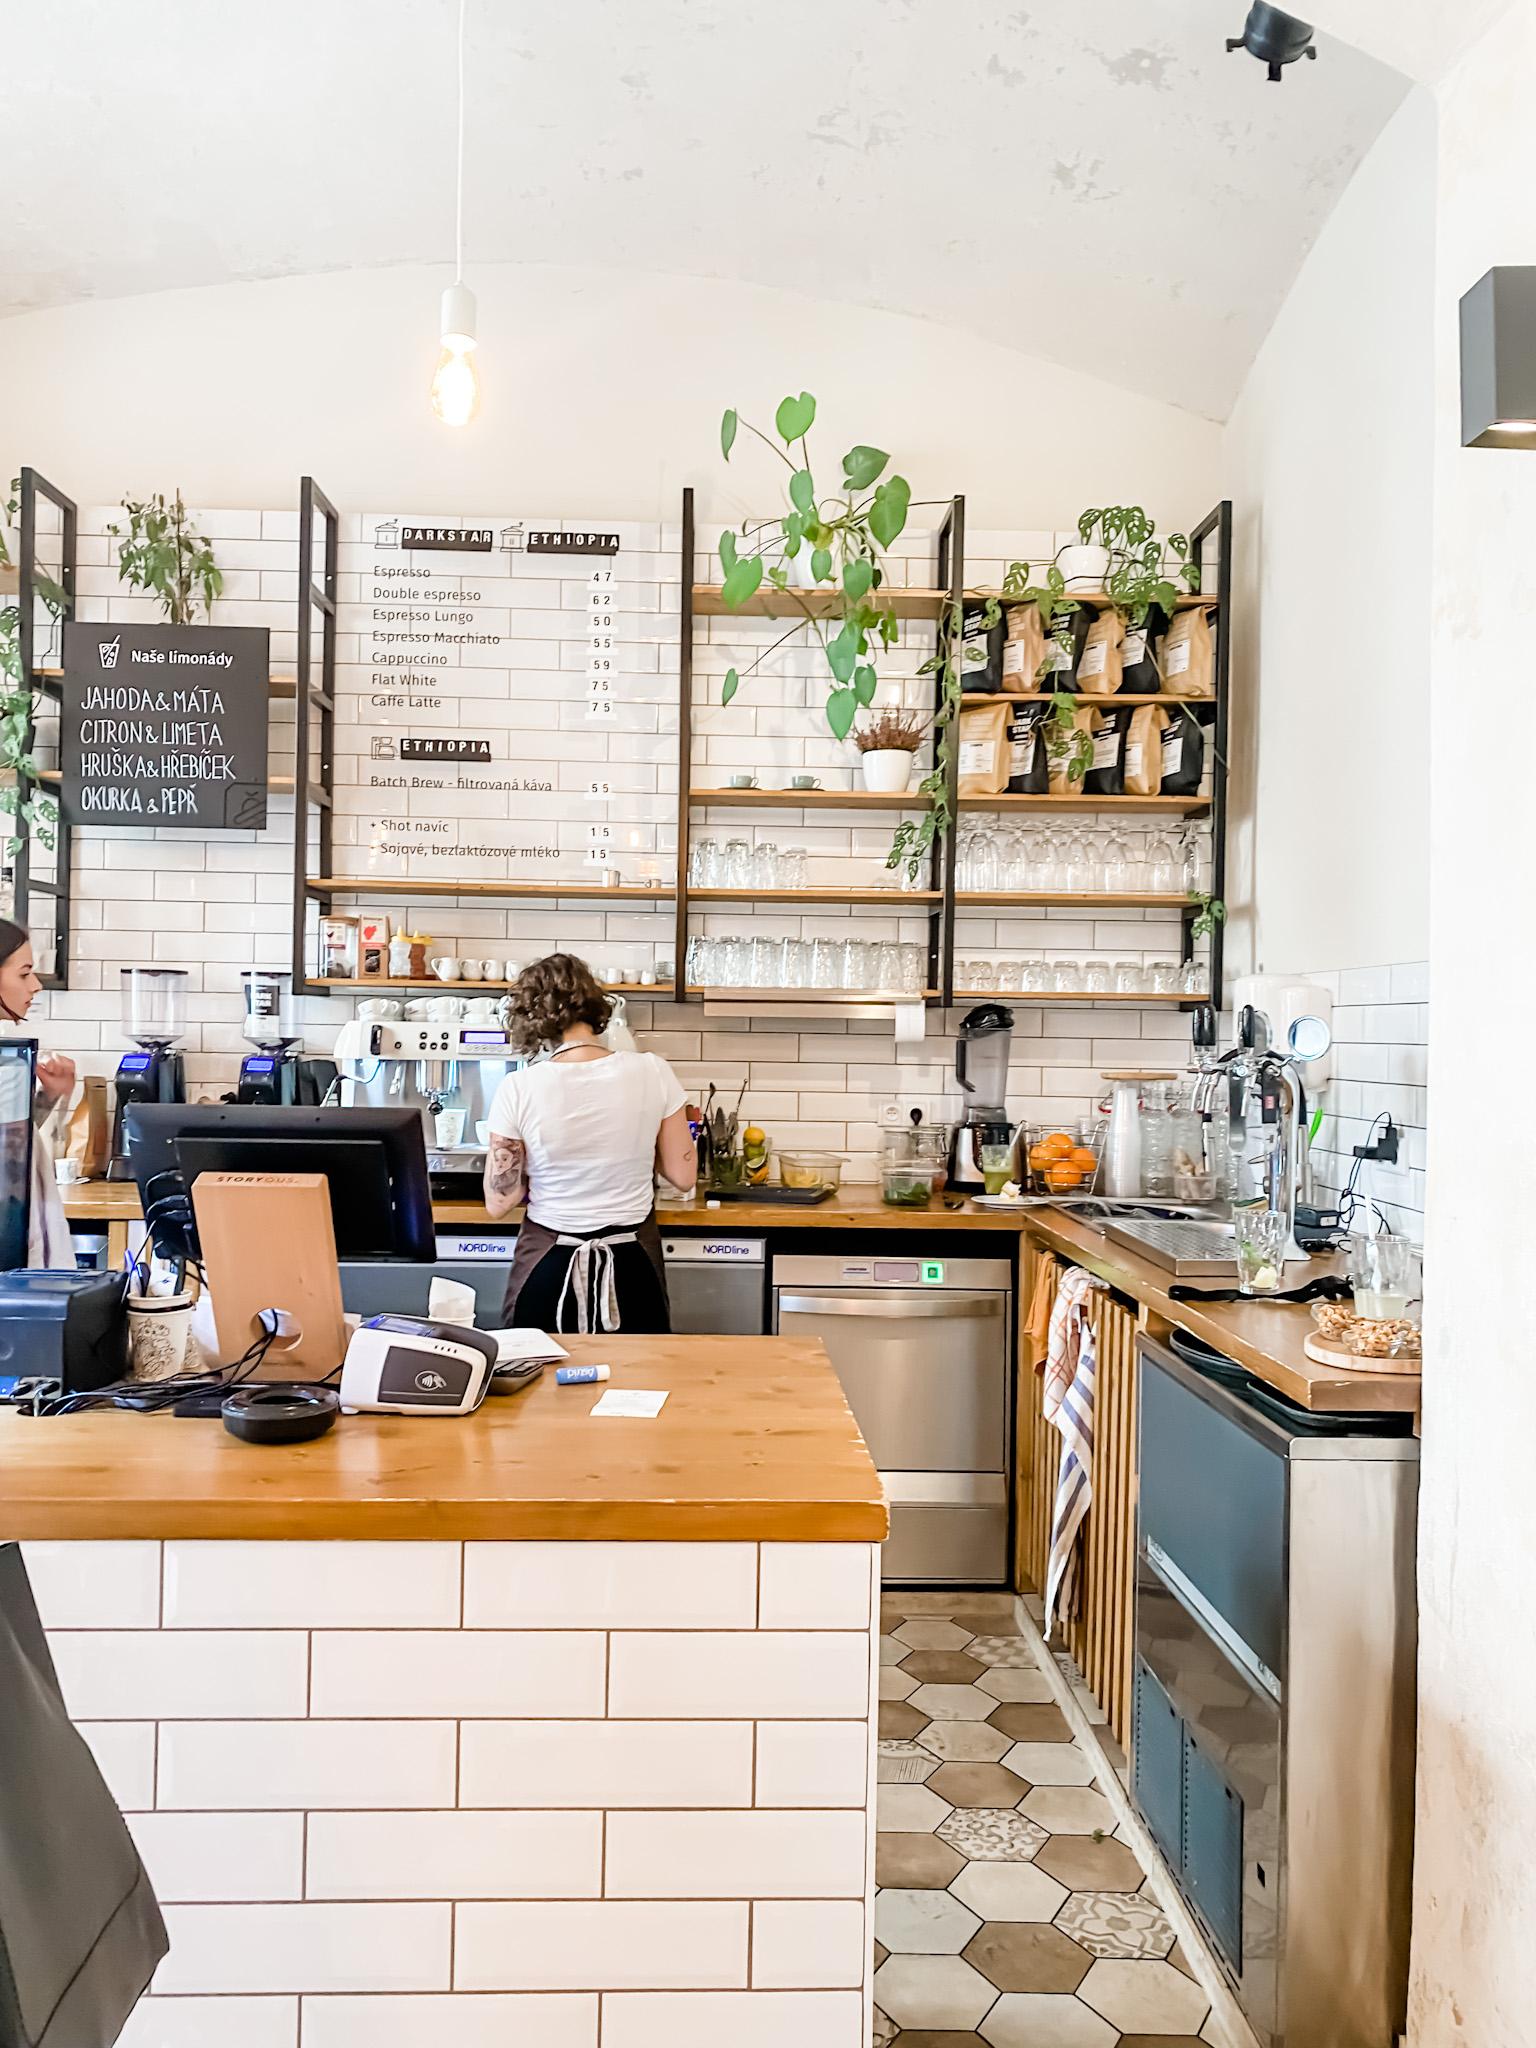 Du sitzt in einem wunderschönen Café und das gehört geteilt, wir schreiben trotz allem 2021. Doch die Fotos werden gar nicht schön. Ganz normal, außer du hast ein paar Tricks in petto. Hier sind meine besten Tipps für schöne Bilder im Café.